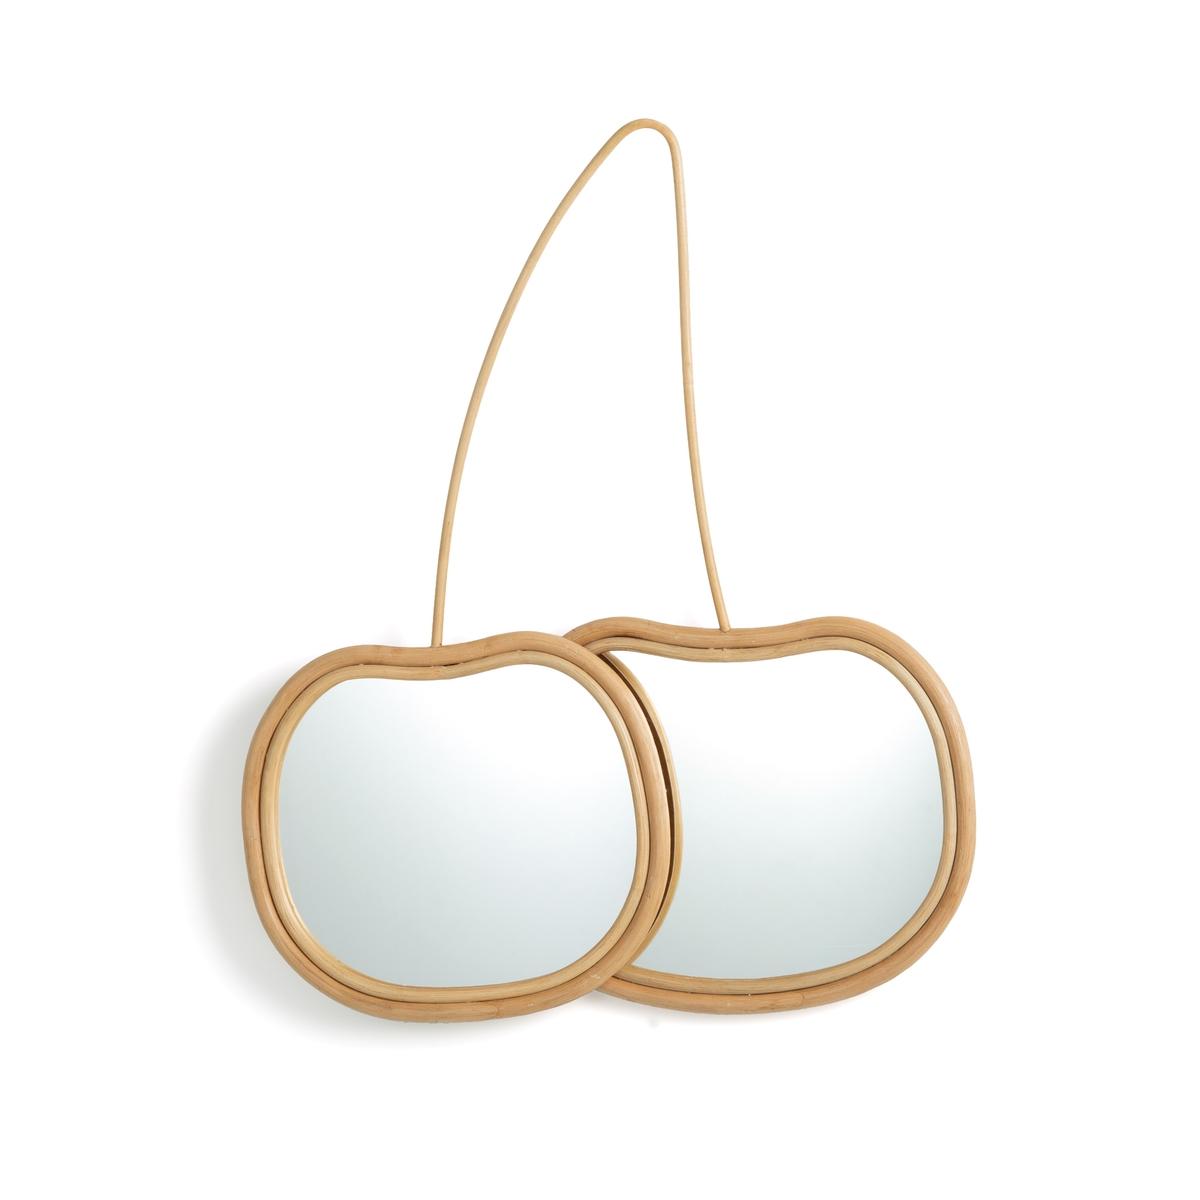 Зеркало La Redoute В форме вишни из ротанга В см Lezy единый размер бежевый зеркало la redoute квадратное из ротанга ш x в см tarsile единый размер бежевый